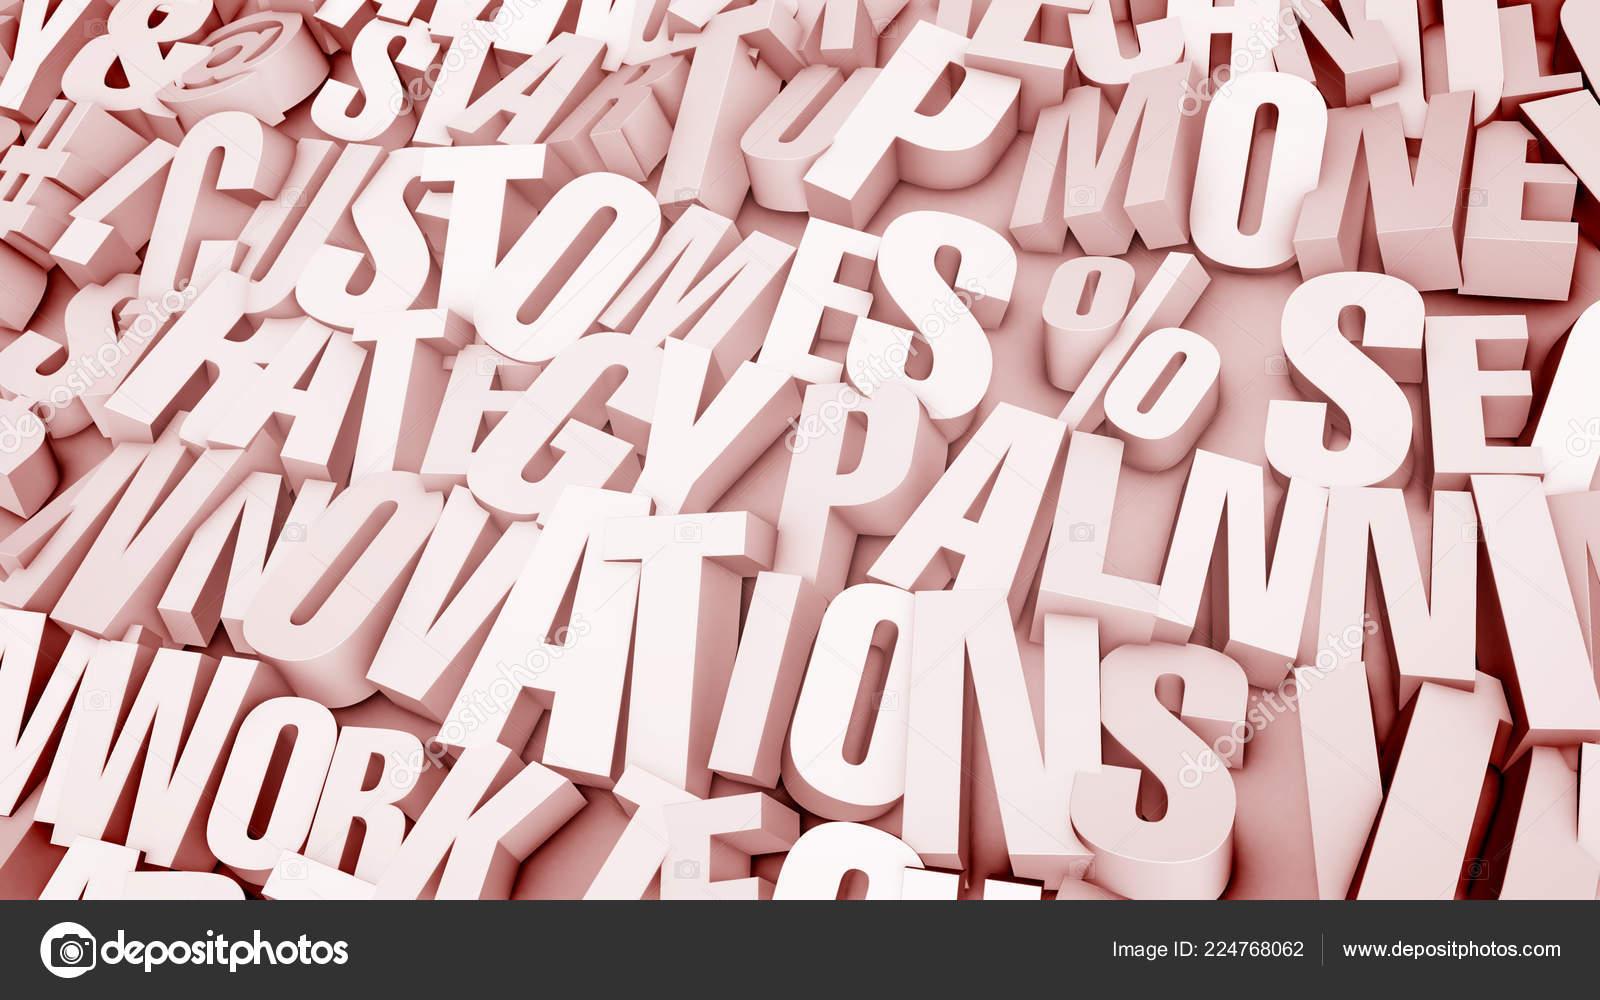 Eine Inspirierende Illustration Von Defekten Wörter Auf Weiß Und